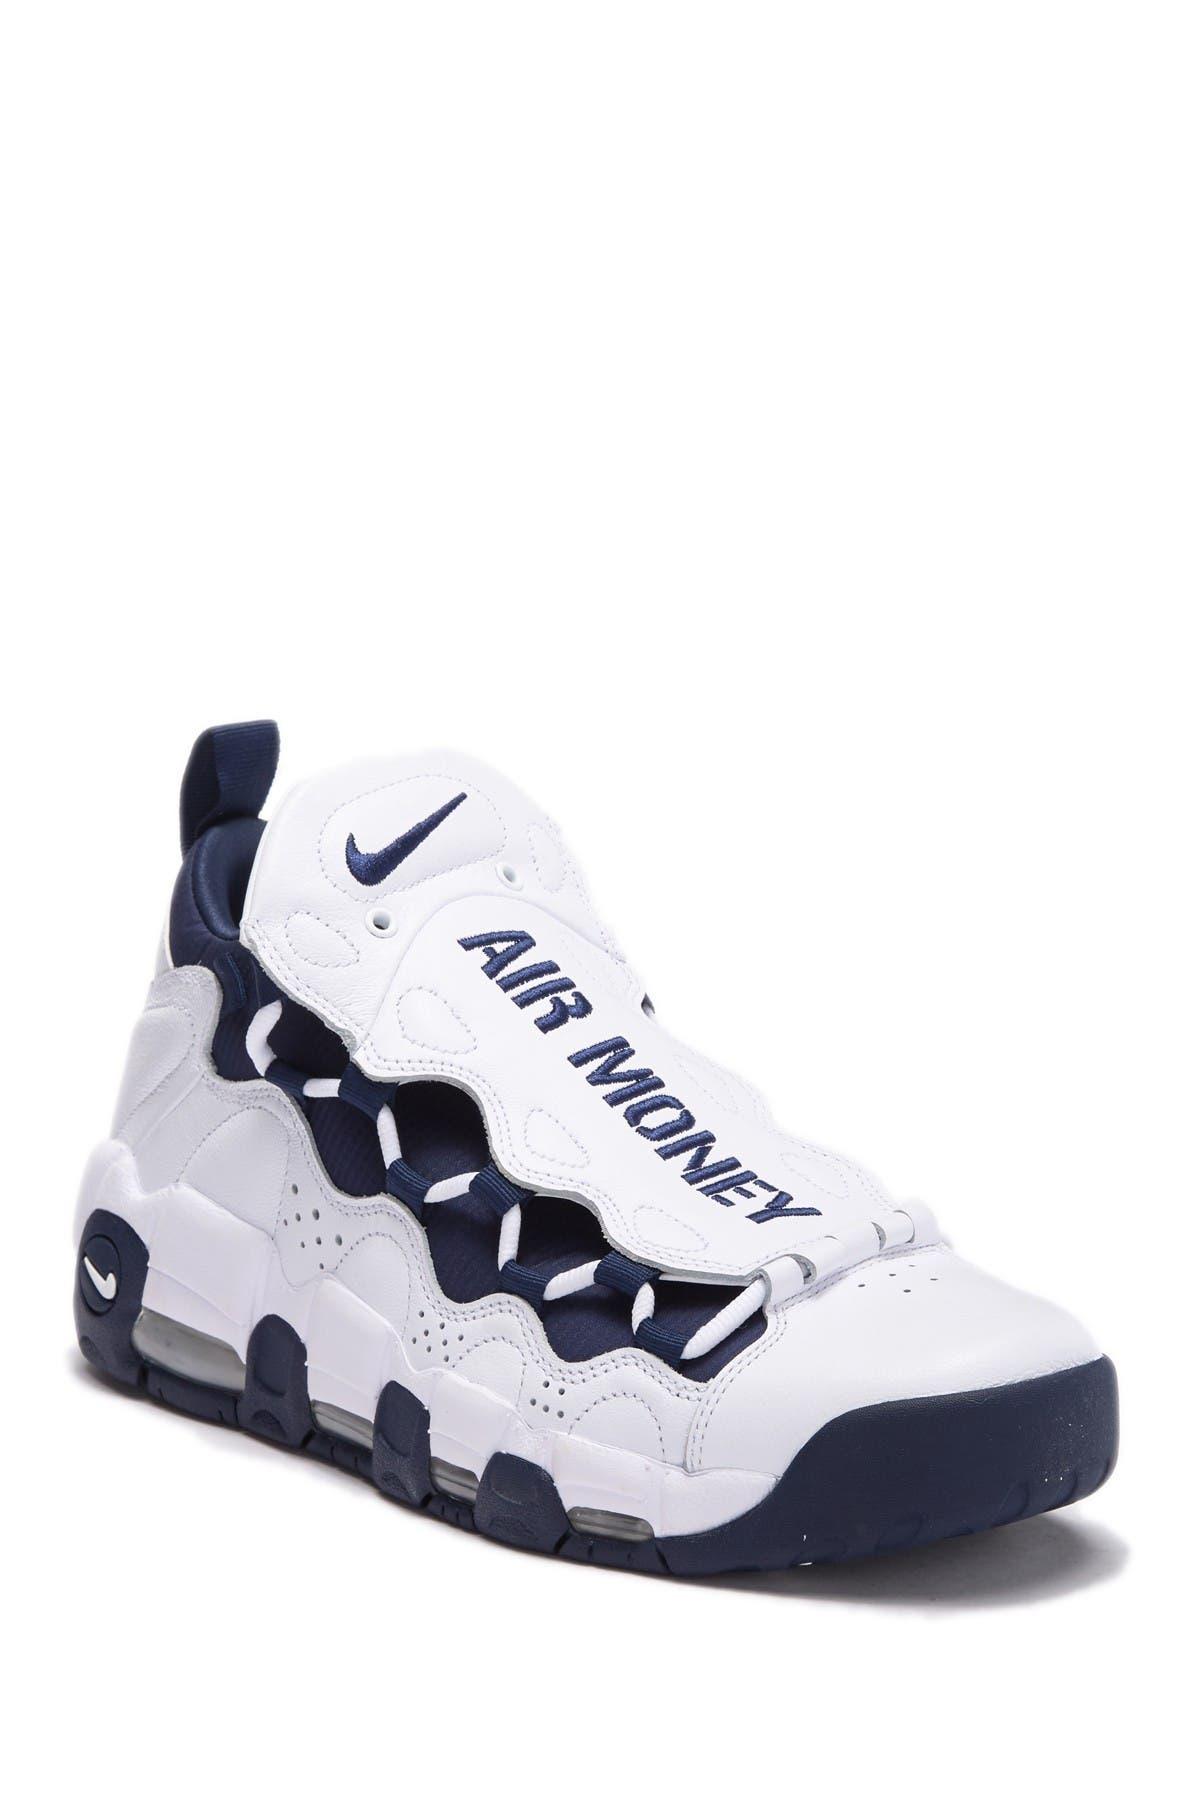 Nike   Air More Money Sneaker